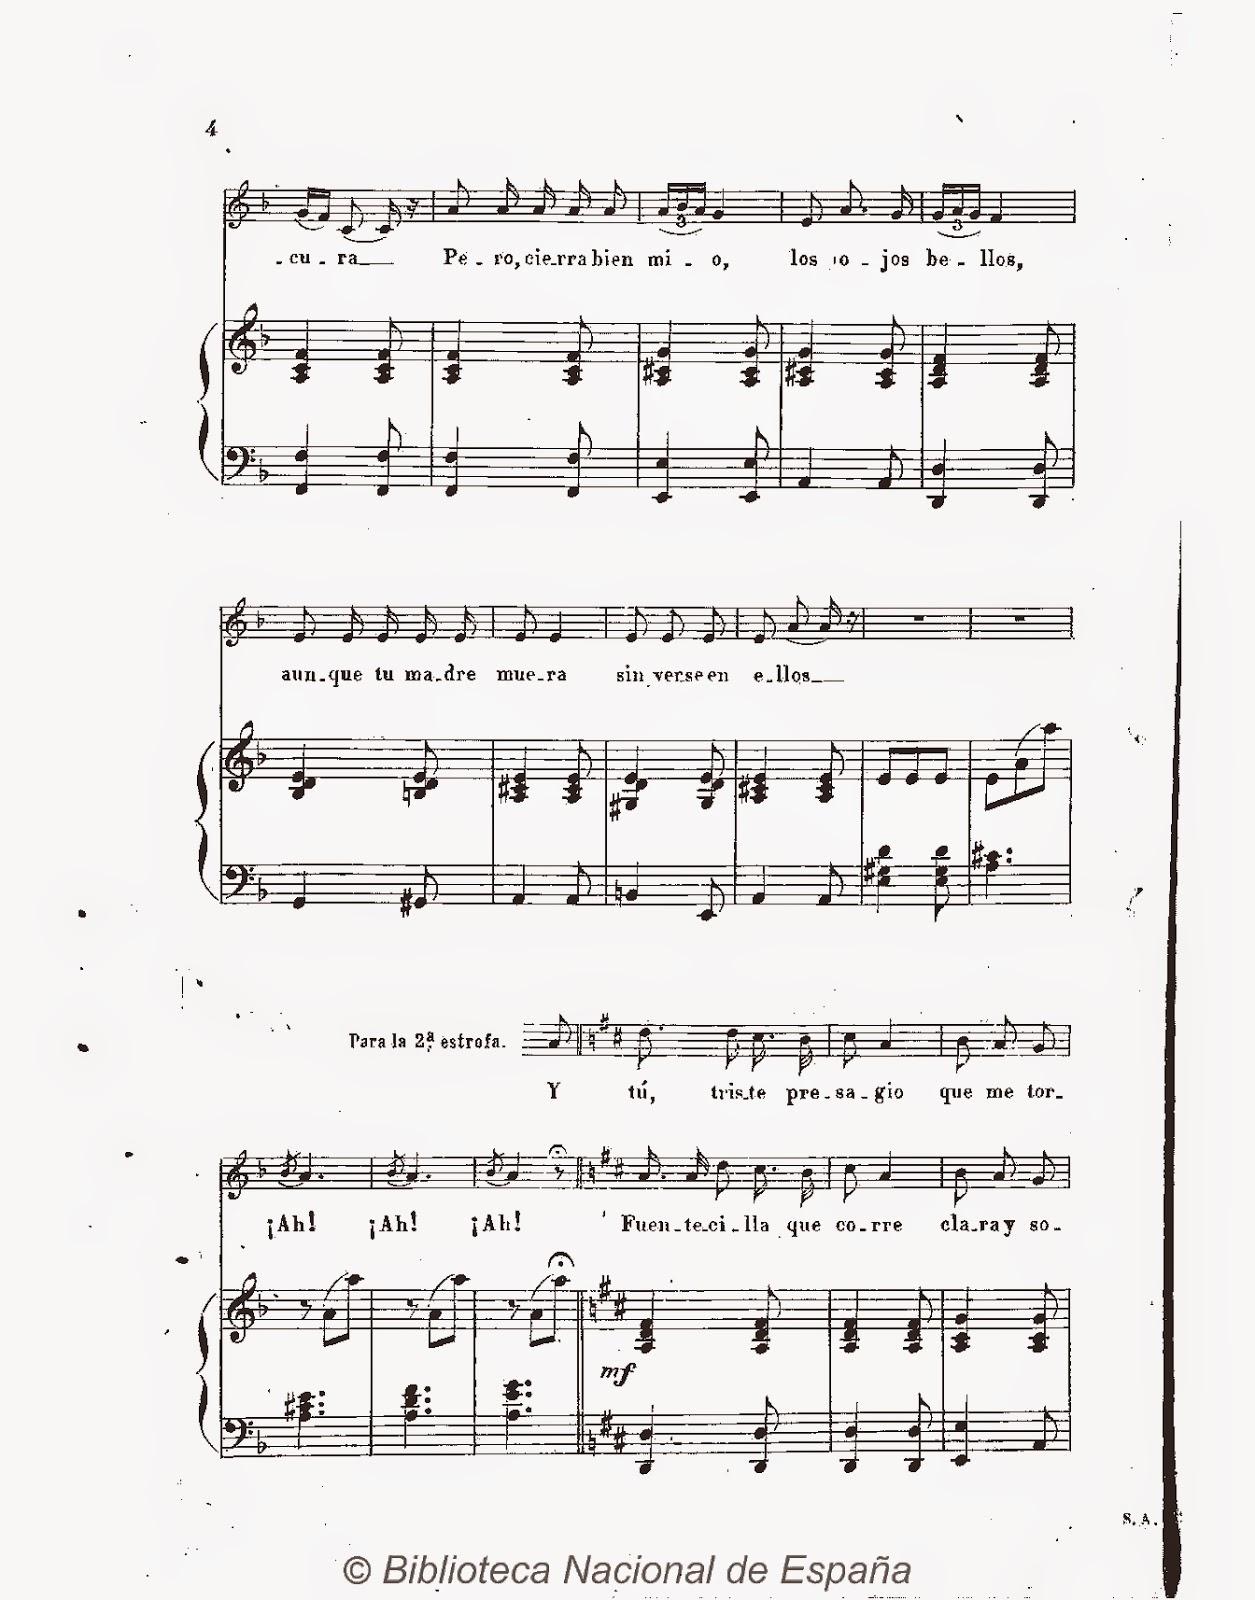 Miss Jacobsons Music A La Nanita Nana Song History